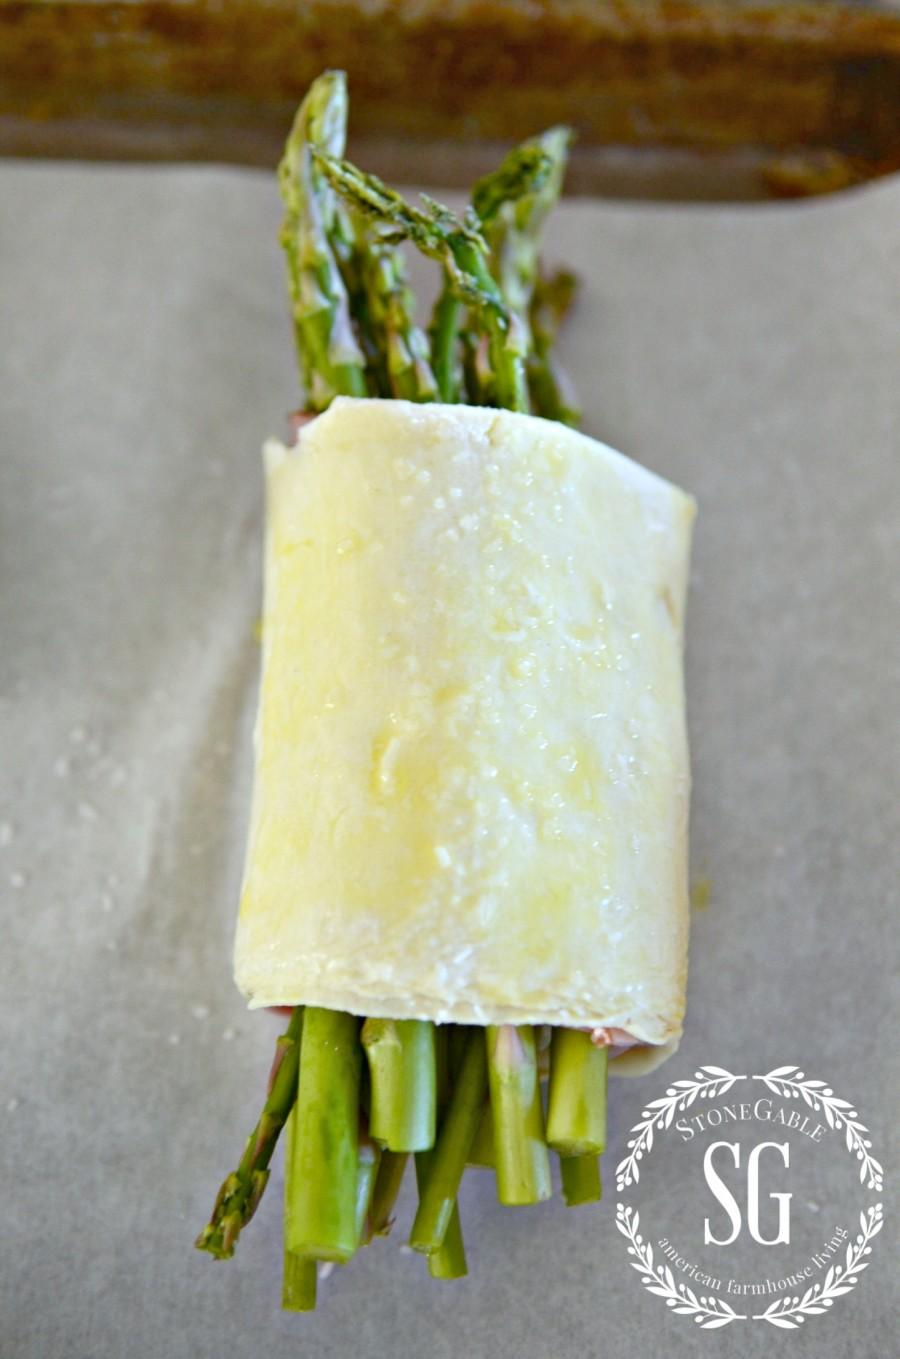 ... asparagus parmigiano puffs recipes dishmaps asparagus puffs recipes